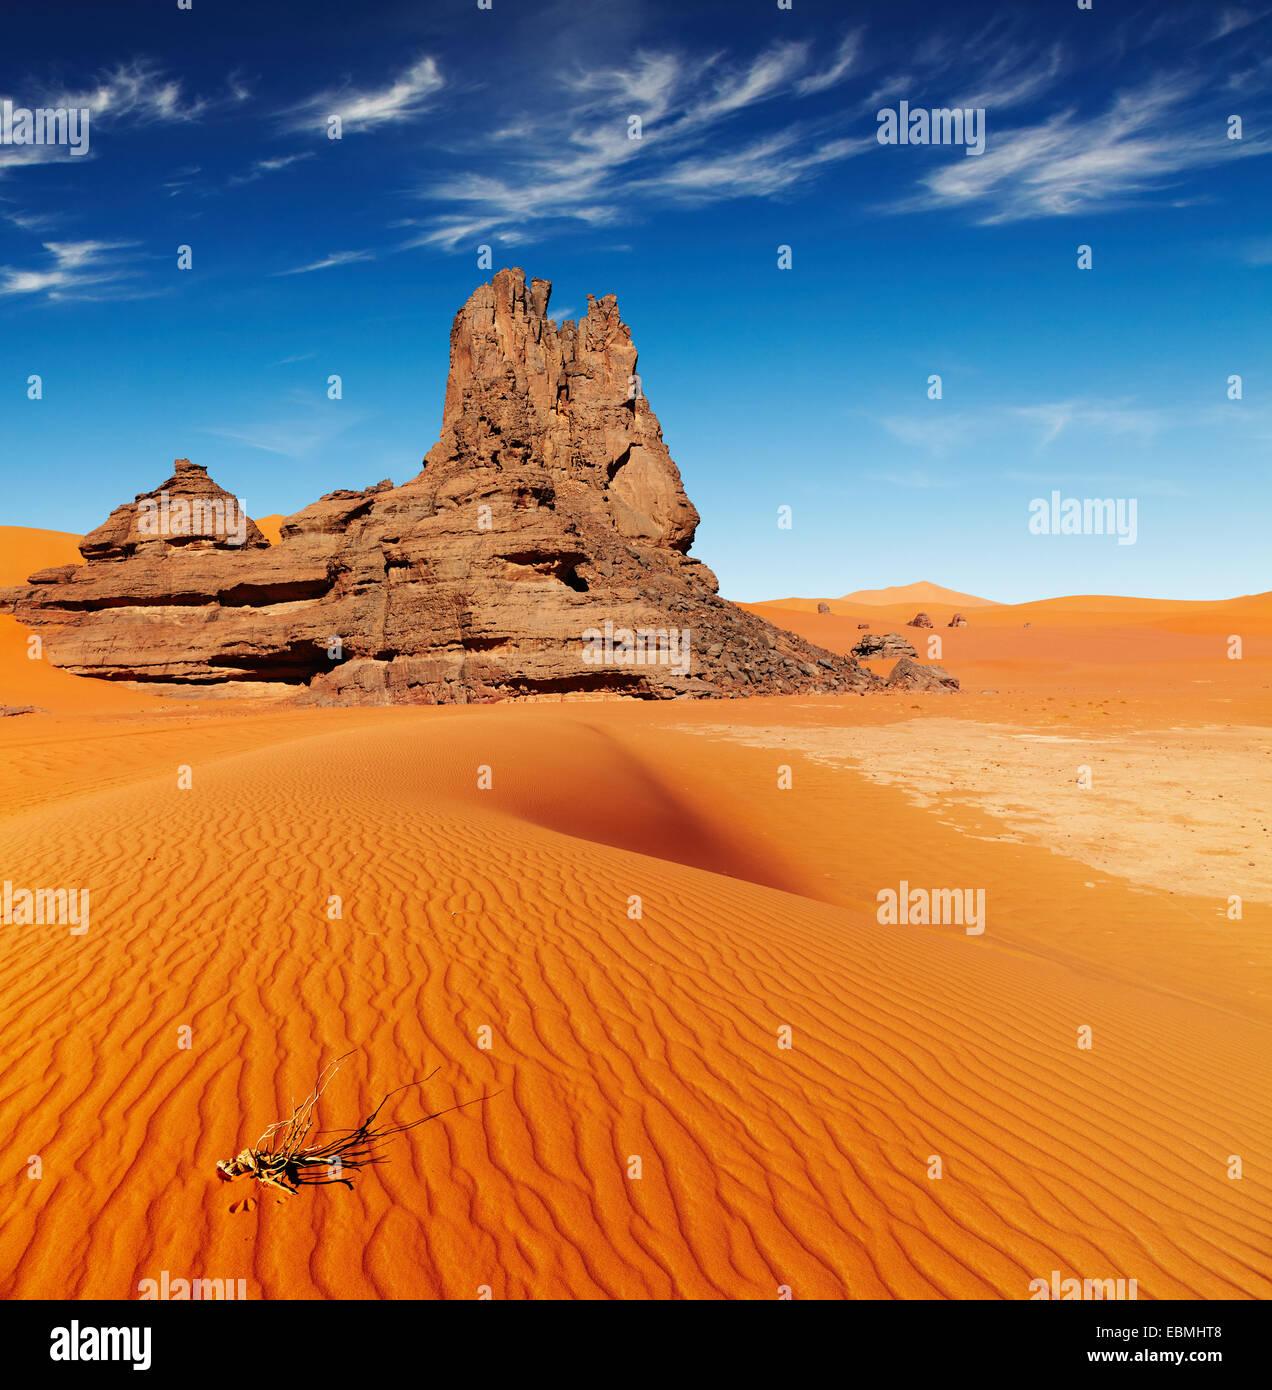 Dunes de sable et rochers, désert du Sahara, l'Algérie Photo Stock